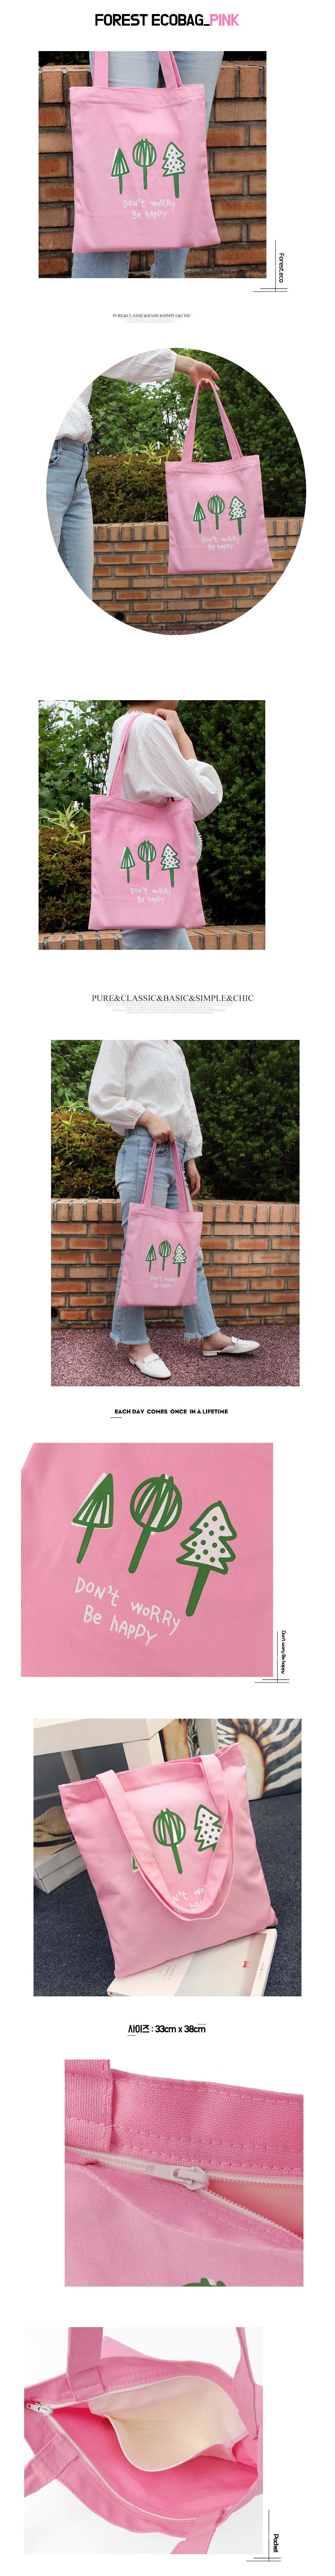 포레스트 핑크 튼튼한 지퍼 에코백/보조가방 캔버스백 - 기프트갓, 5,900원, 캔버스/에코백, 에코백